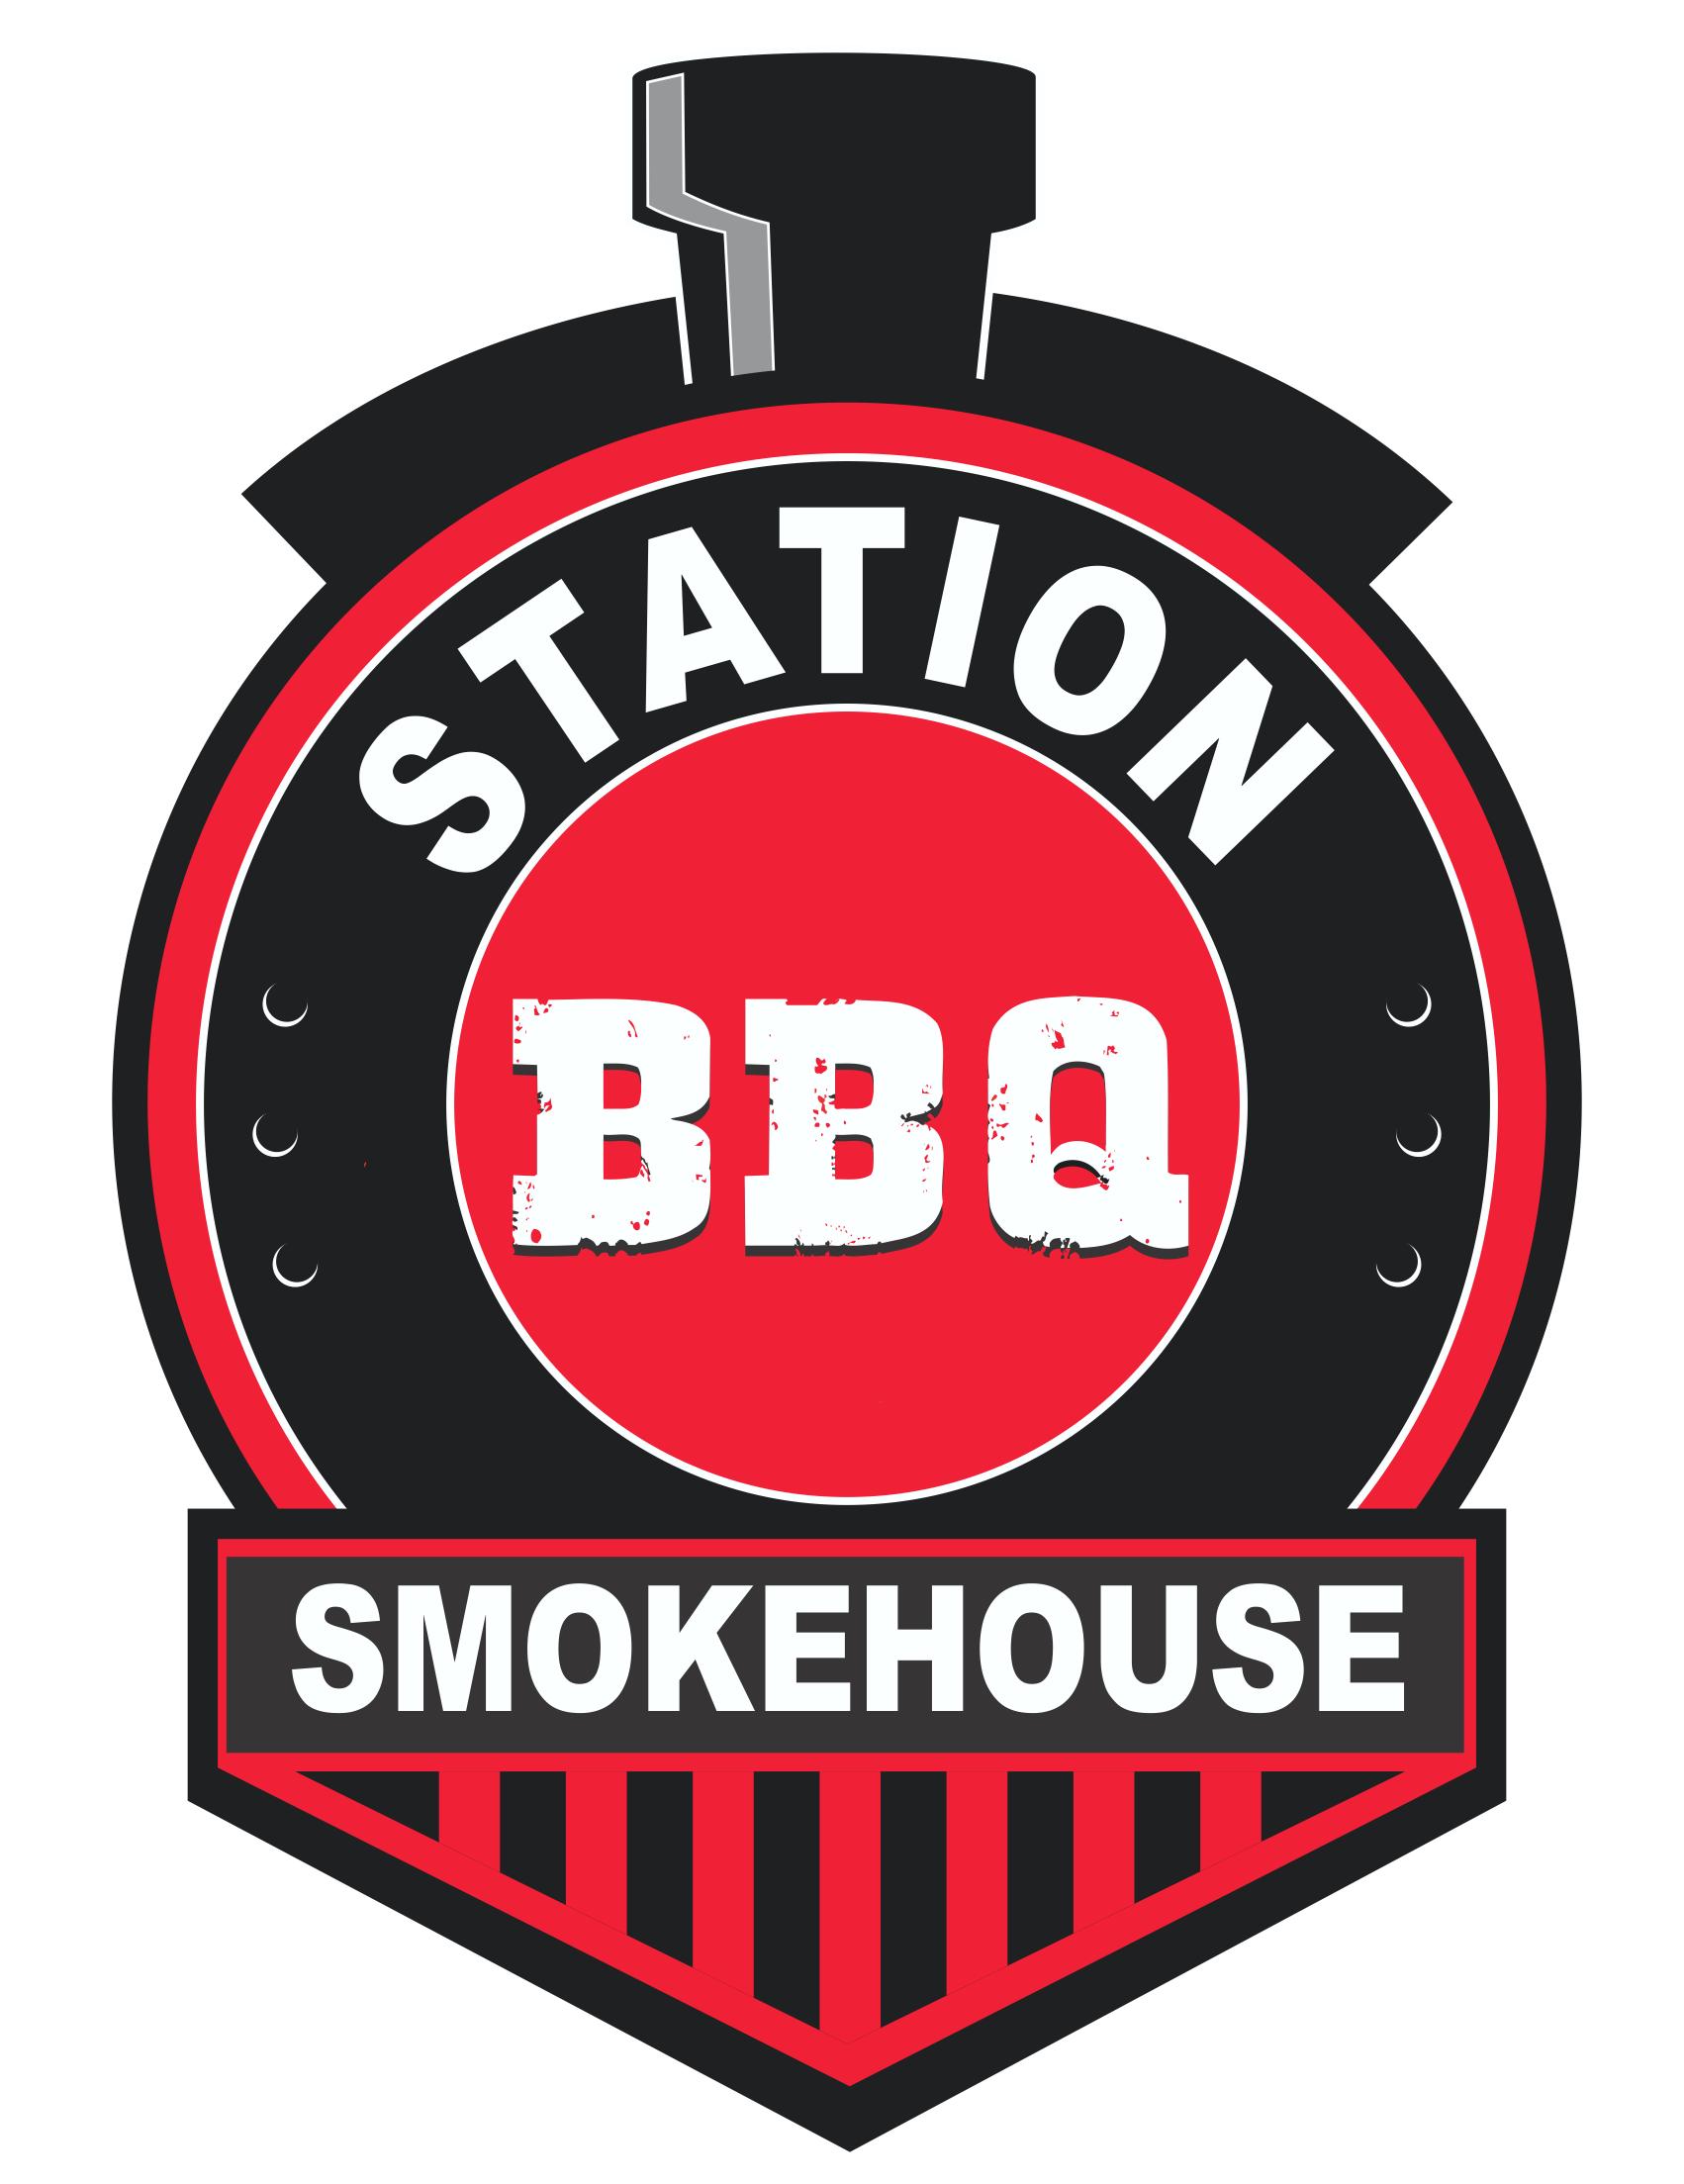 Station BBQ - Vernon BC Smokehouse BBQ Restaurant